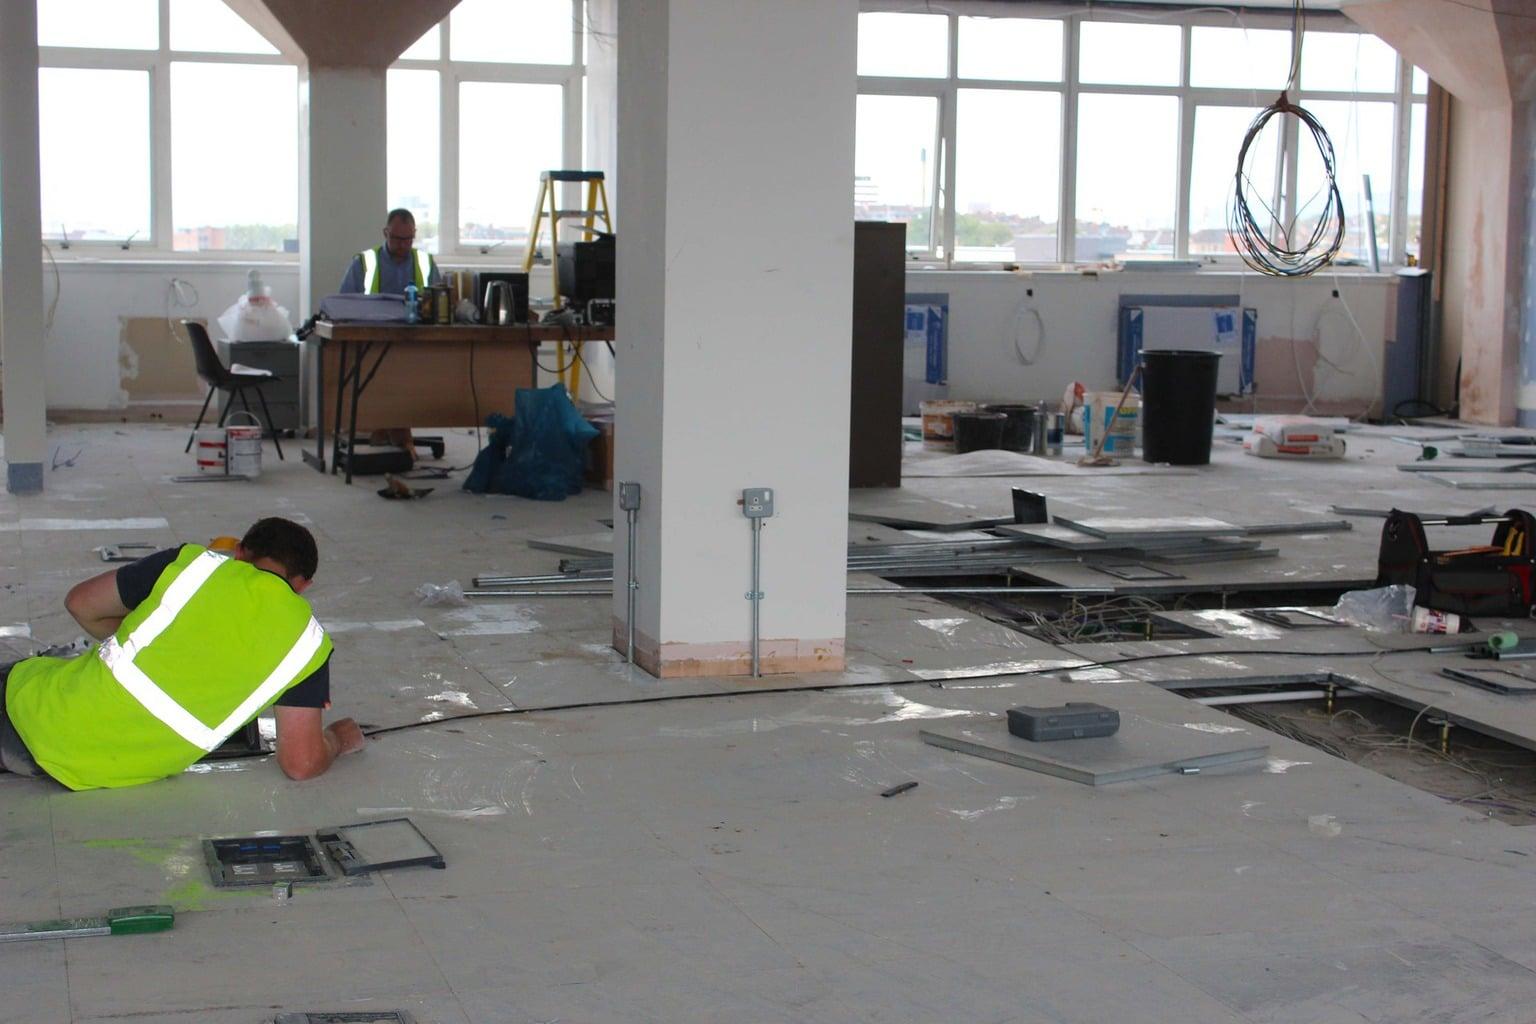 handymen working in office